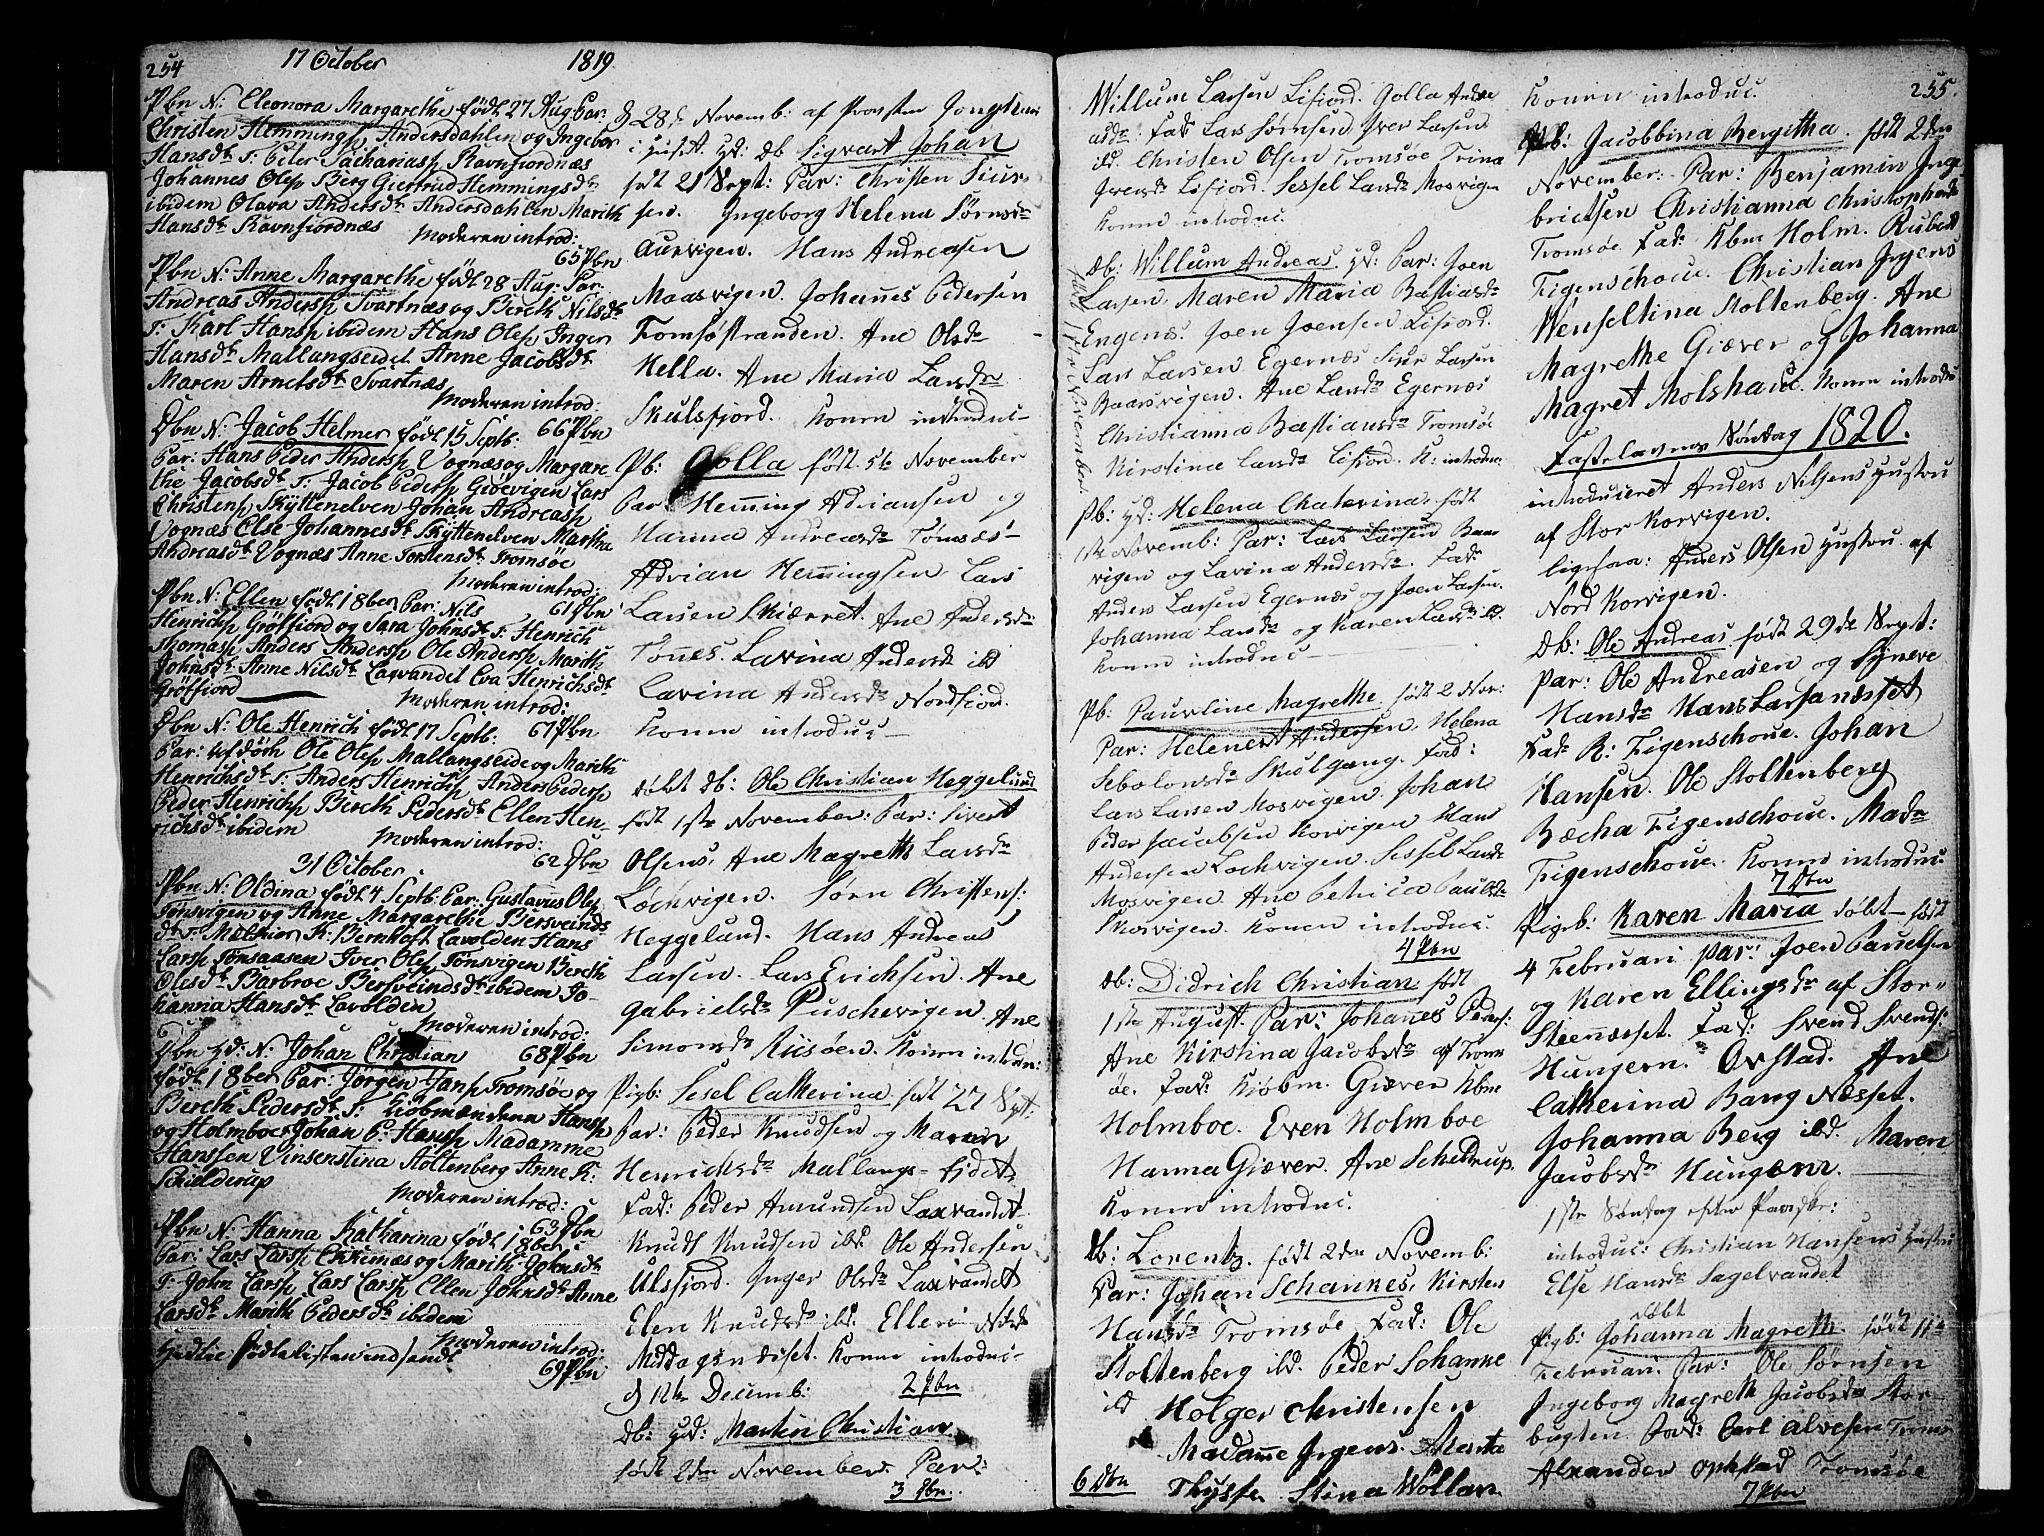 SATØ, Tromsø sokneprestkontor/stiftsprosti/domprosti, G/Ga/L0006kirke: Ministerialbok nr. 6, 1806-1821, s. 254-255